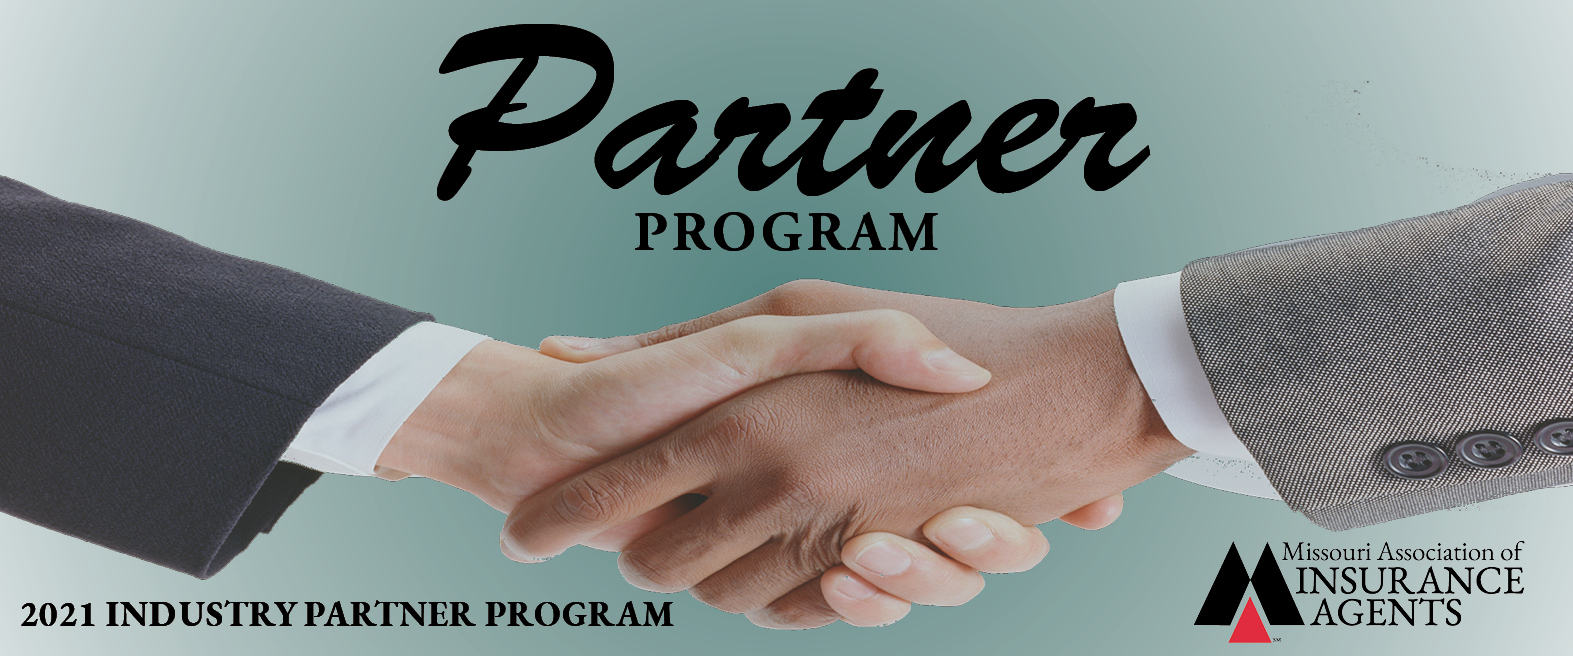 2021 Partner Program